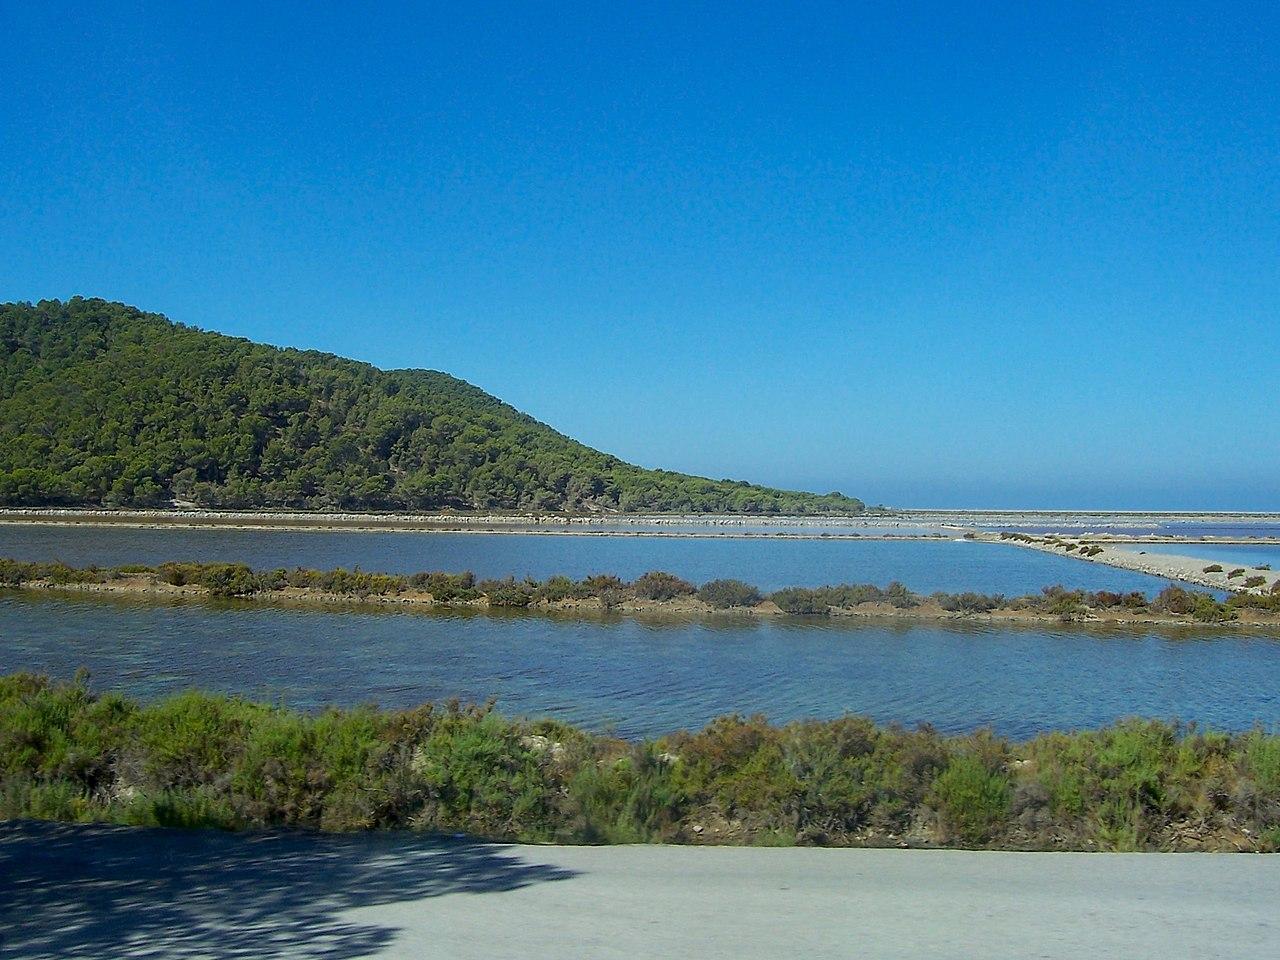 El Parque Natural de las Salinas del Duque